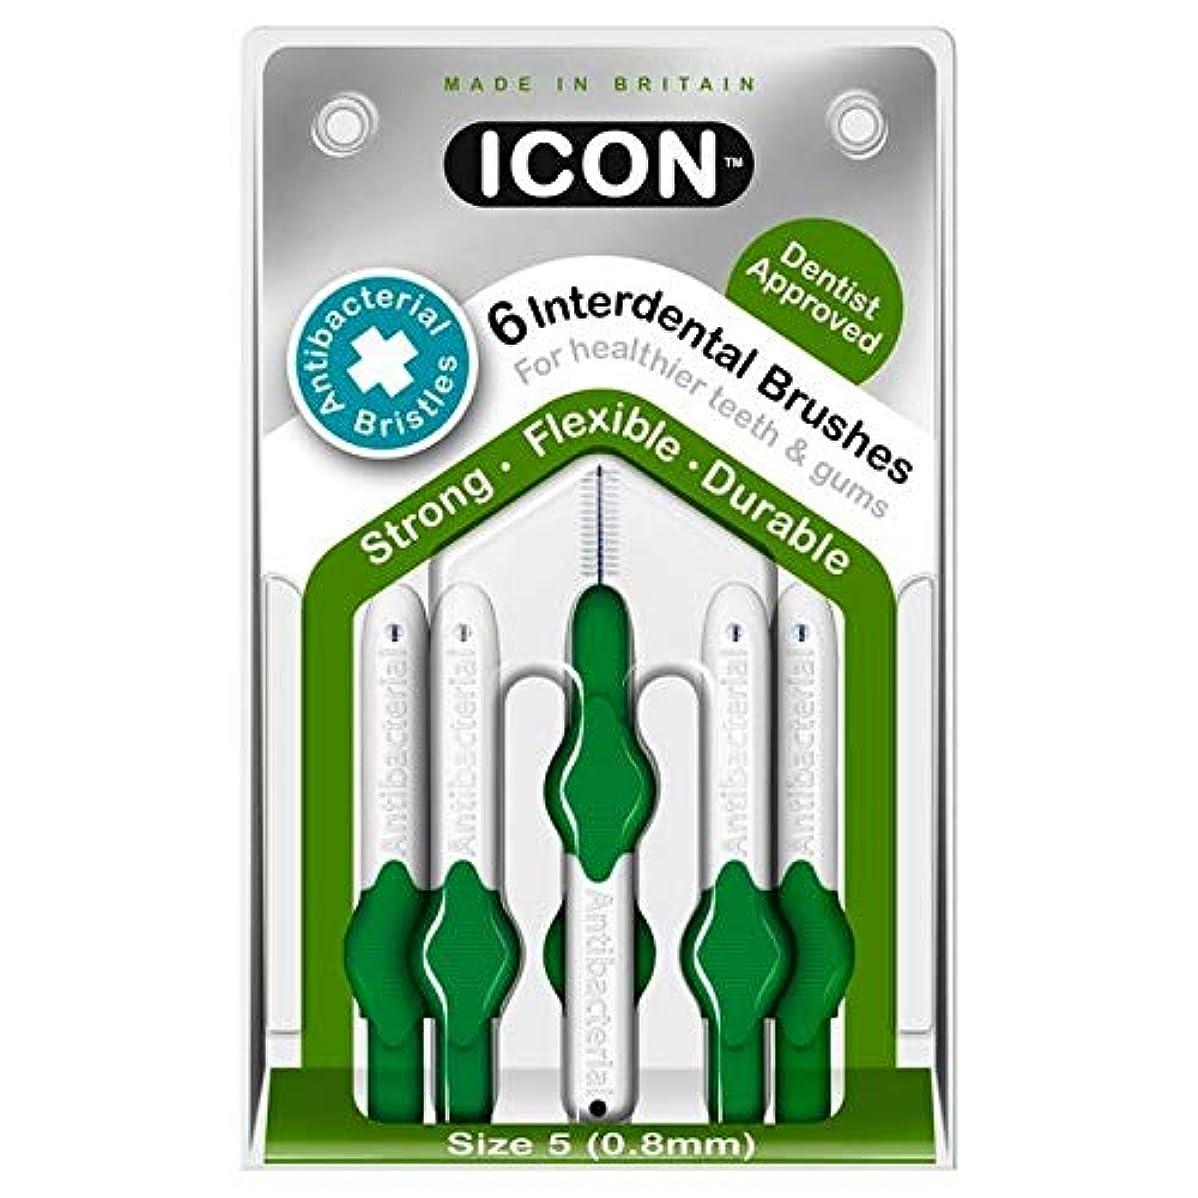 オールハシーローラー[Icon ] アイコンの歯間には、パックあたり0.8ミリメートル6ブラシ - Icon Interdental Brushes 0.8mm 6 per pack [並行輸入品]